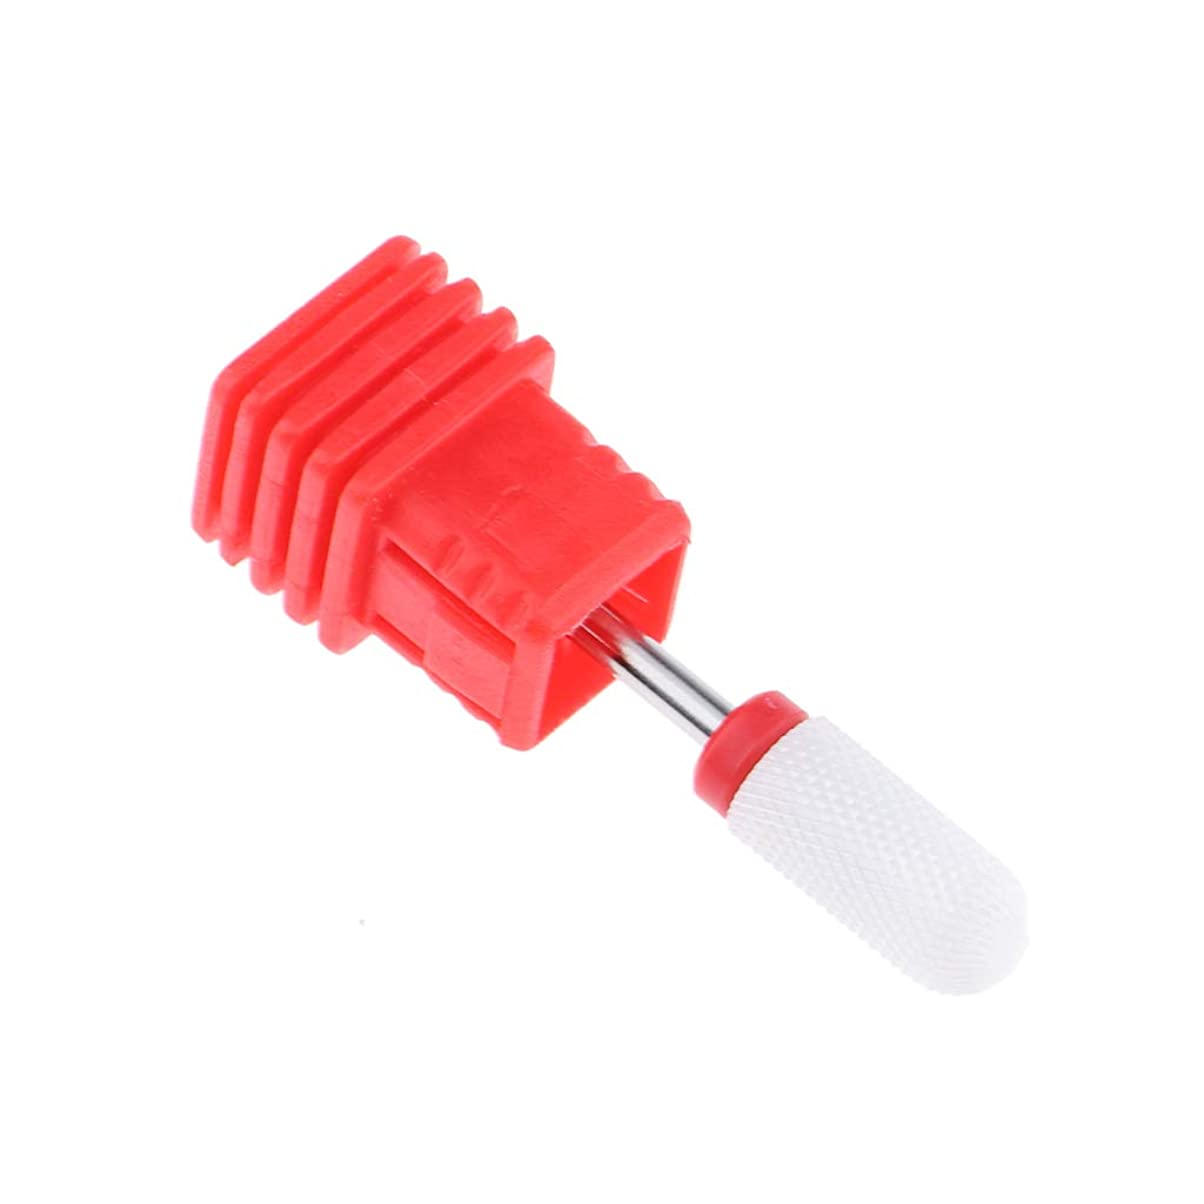 あなたが良くなります単なる顔料DYNWAVE ネイルドリルビット ネイル研削 ネイルアート道具 爪磨き ネイルファイル 4サイズ選べ - レッドファインリッジ